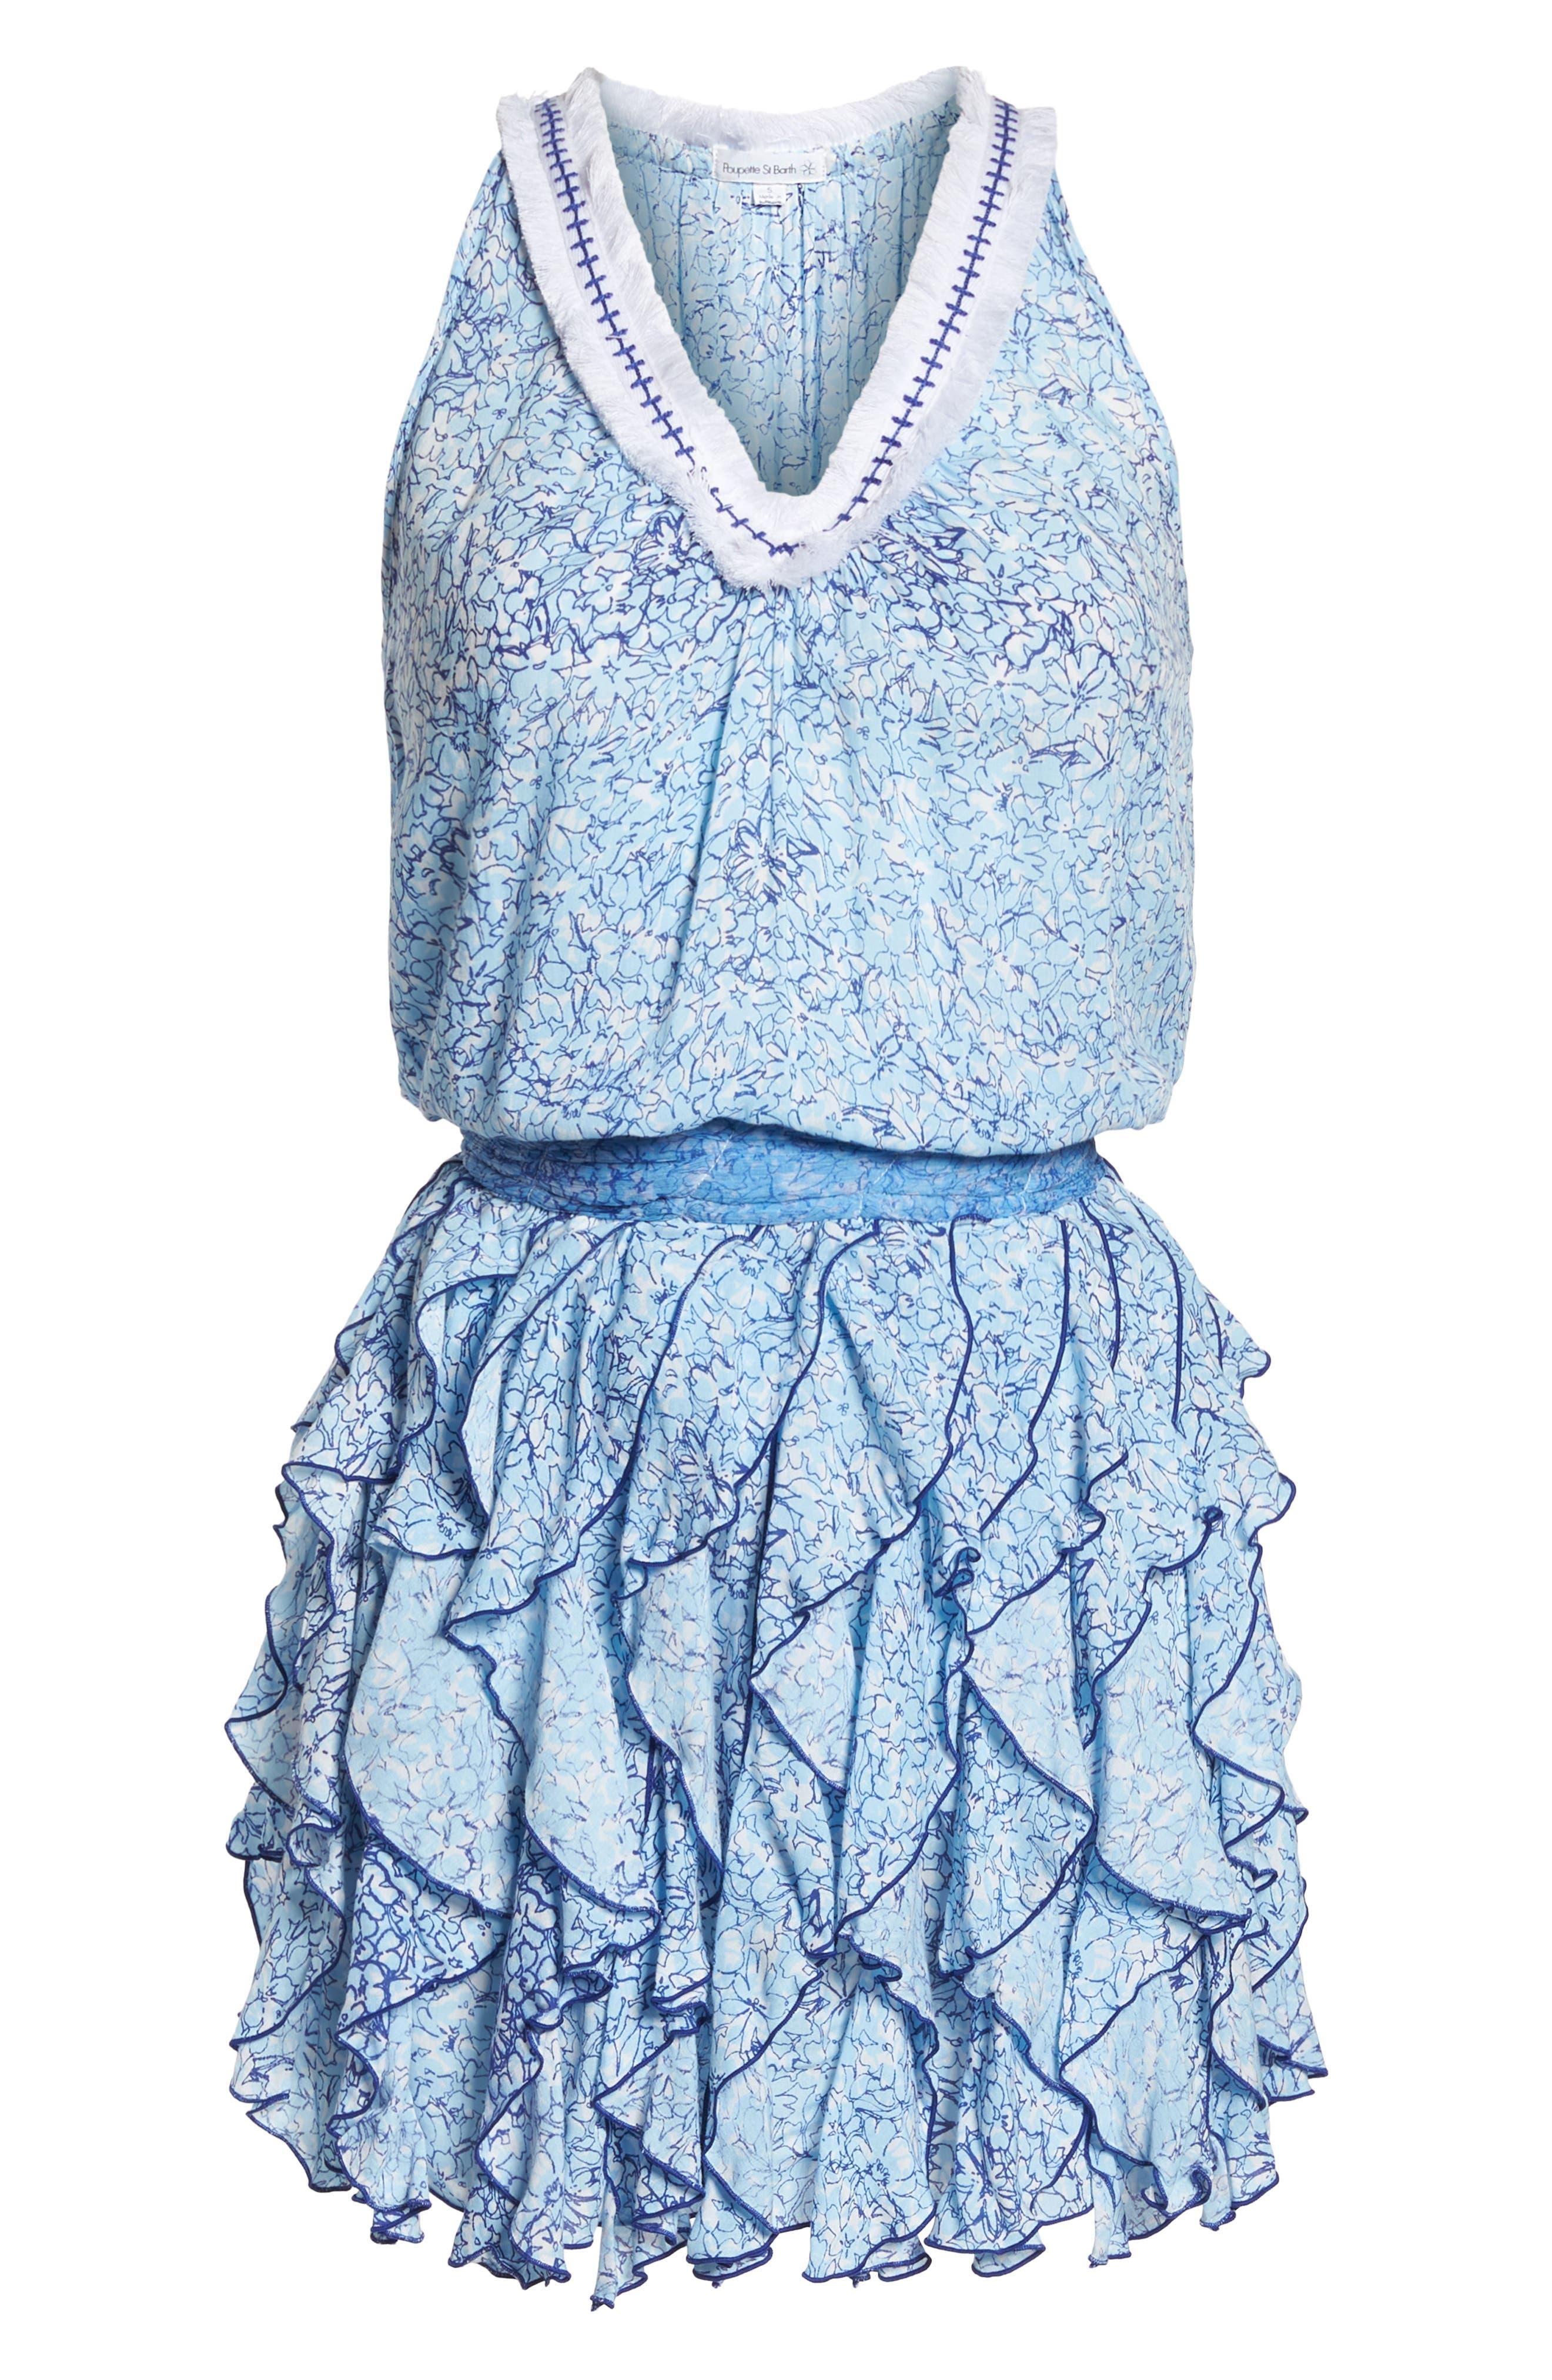 Poupette St. Barth Beline Cover-Up Dress,                             Alternate thumbnail 6, color,                             400